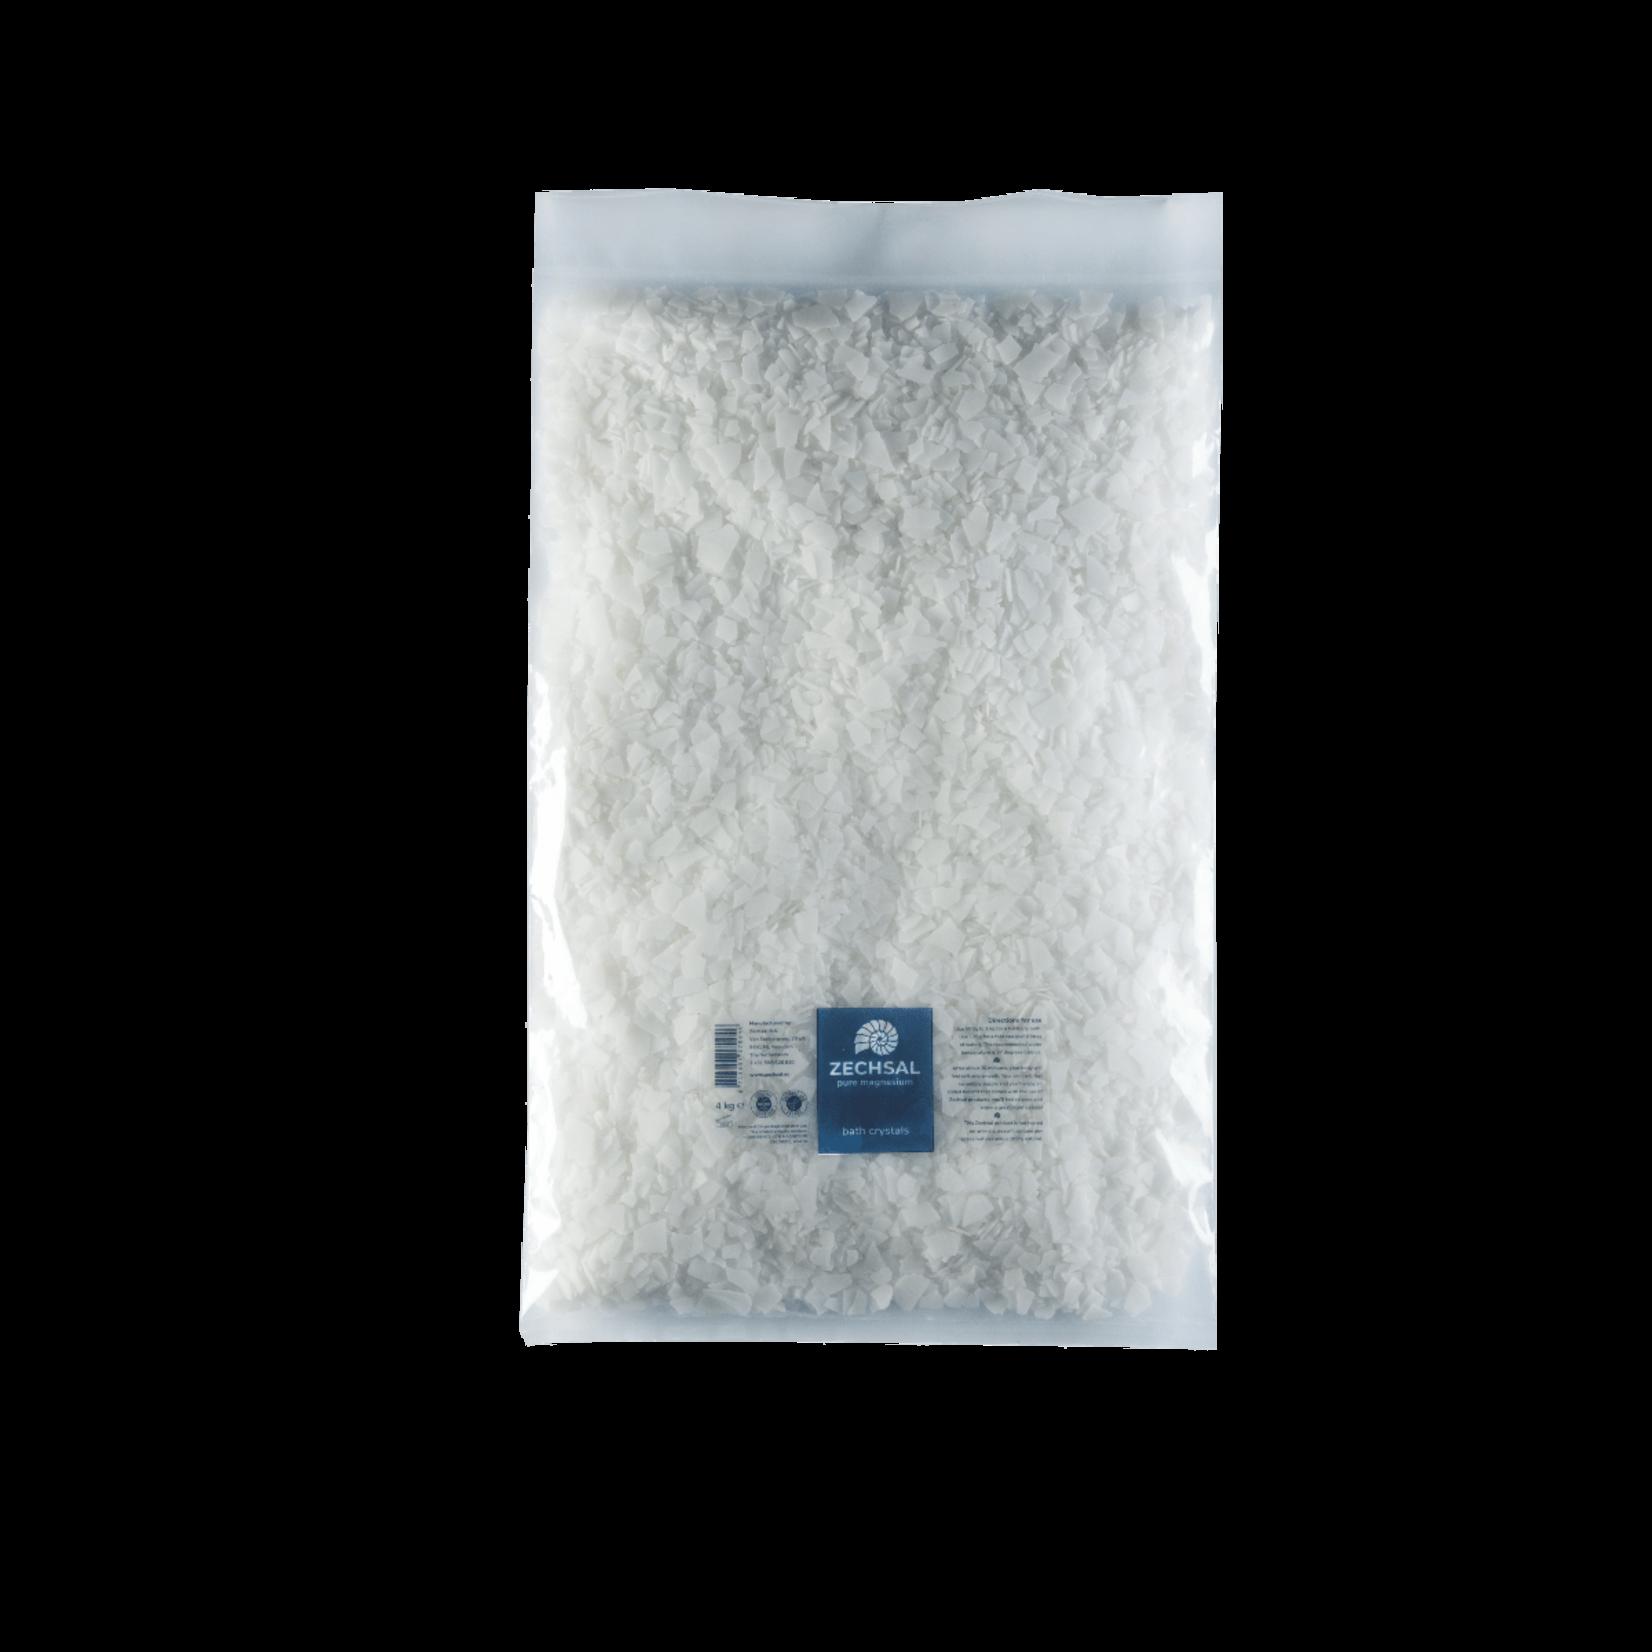 Zechsal Zechsal navulzak magnesiumvlokken 4kg